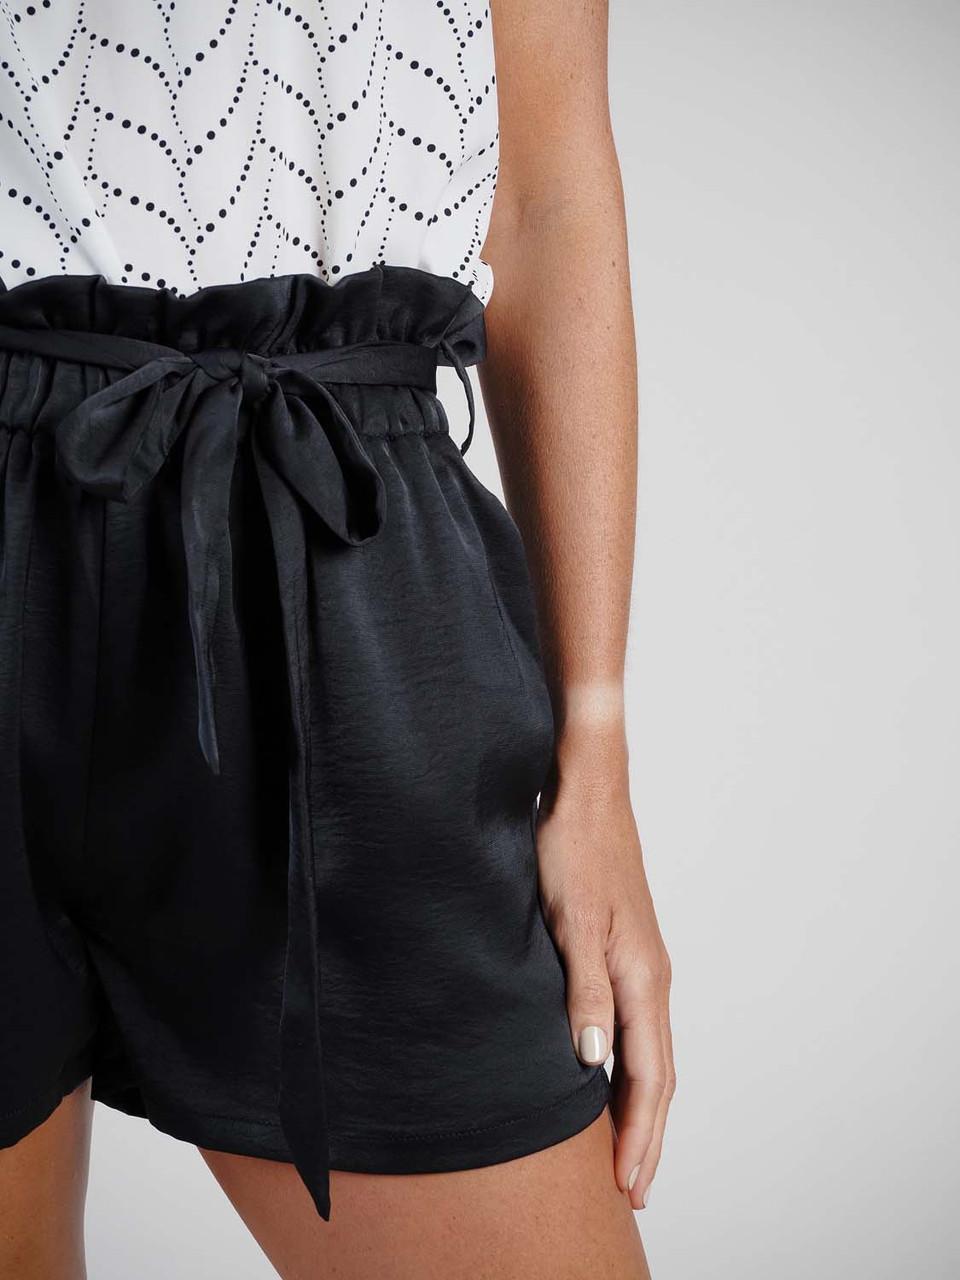 black satin shorts with tie waist Molly Bracken